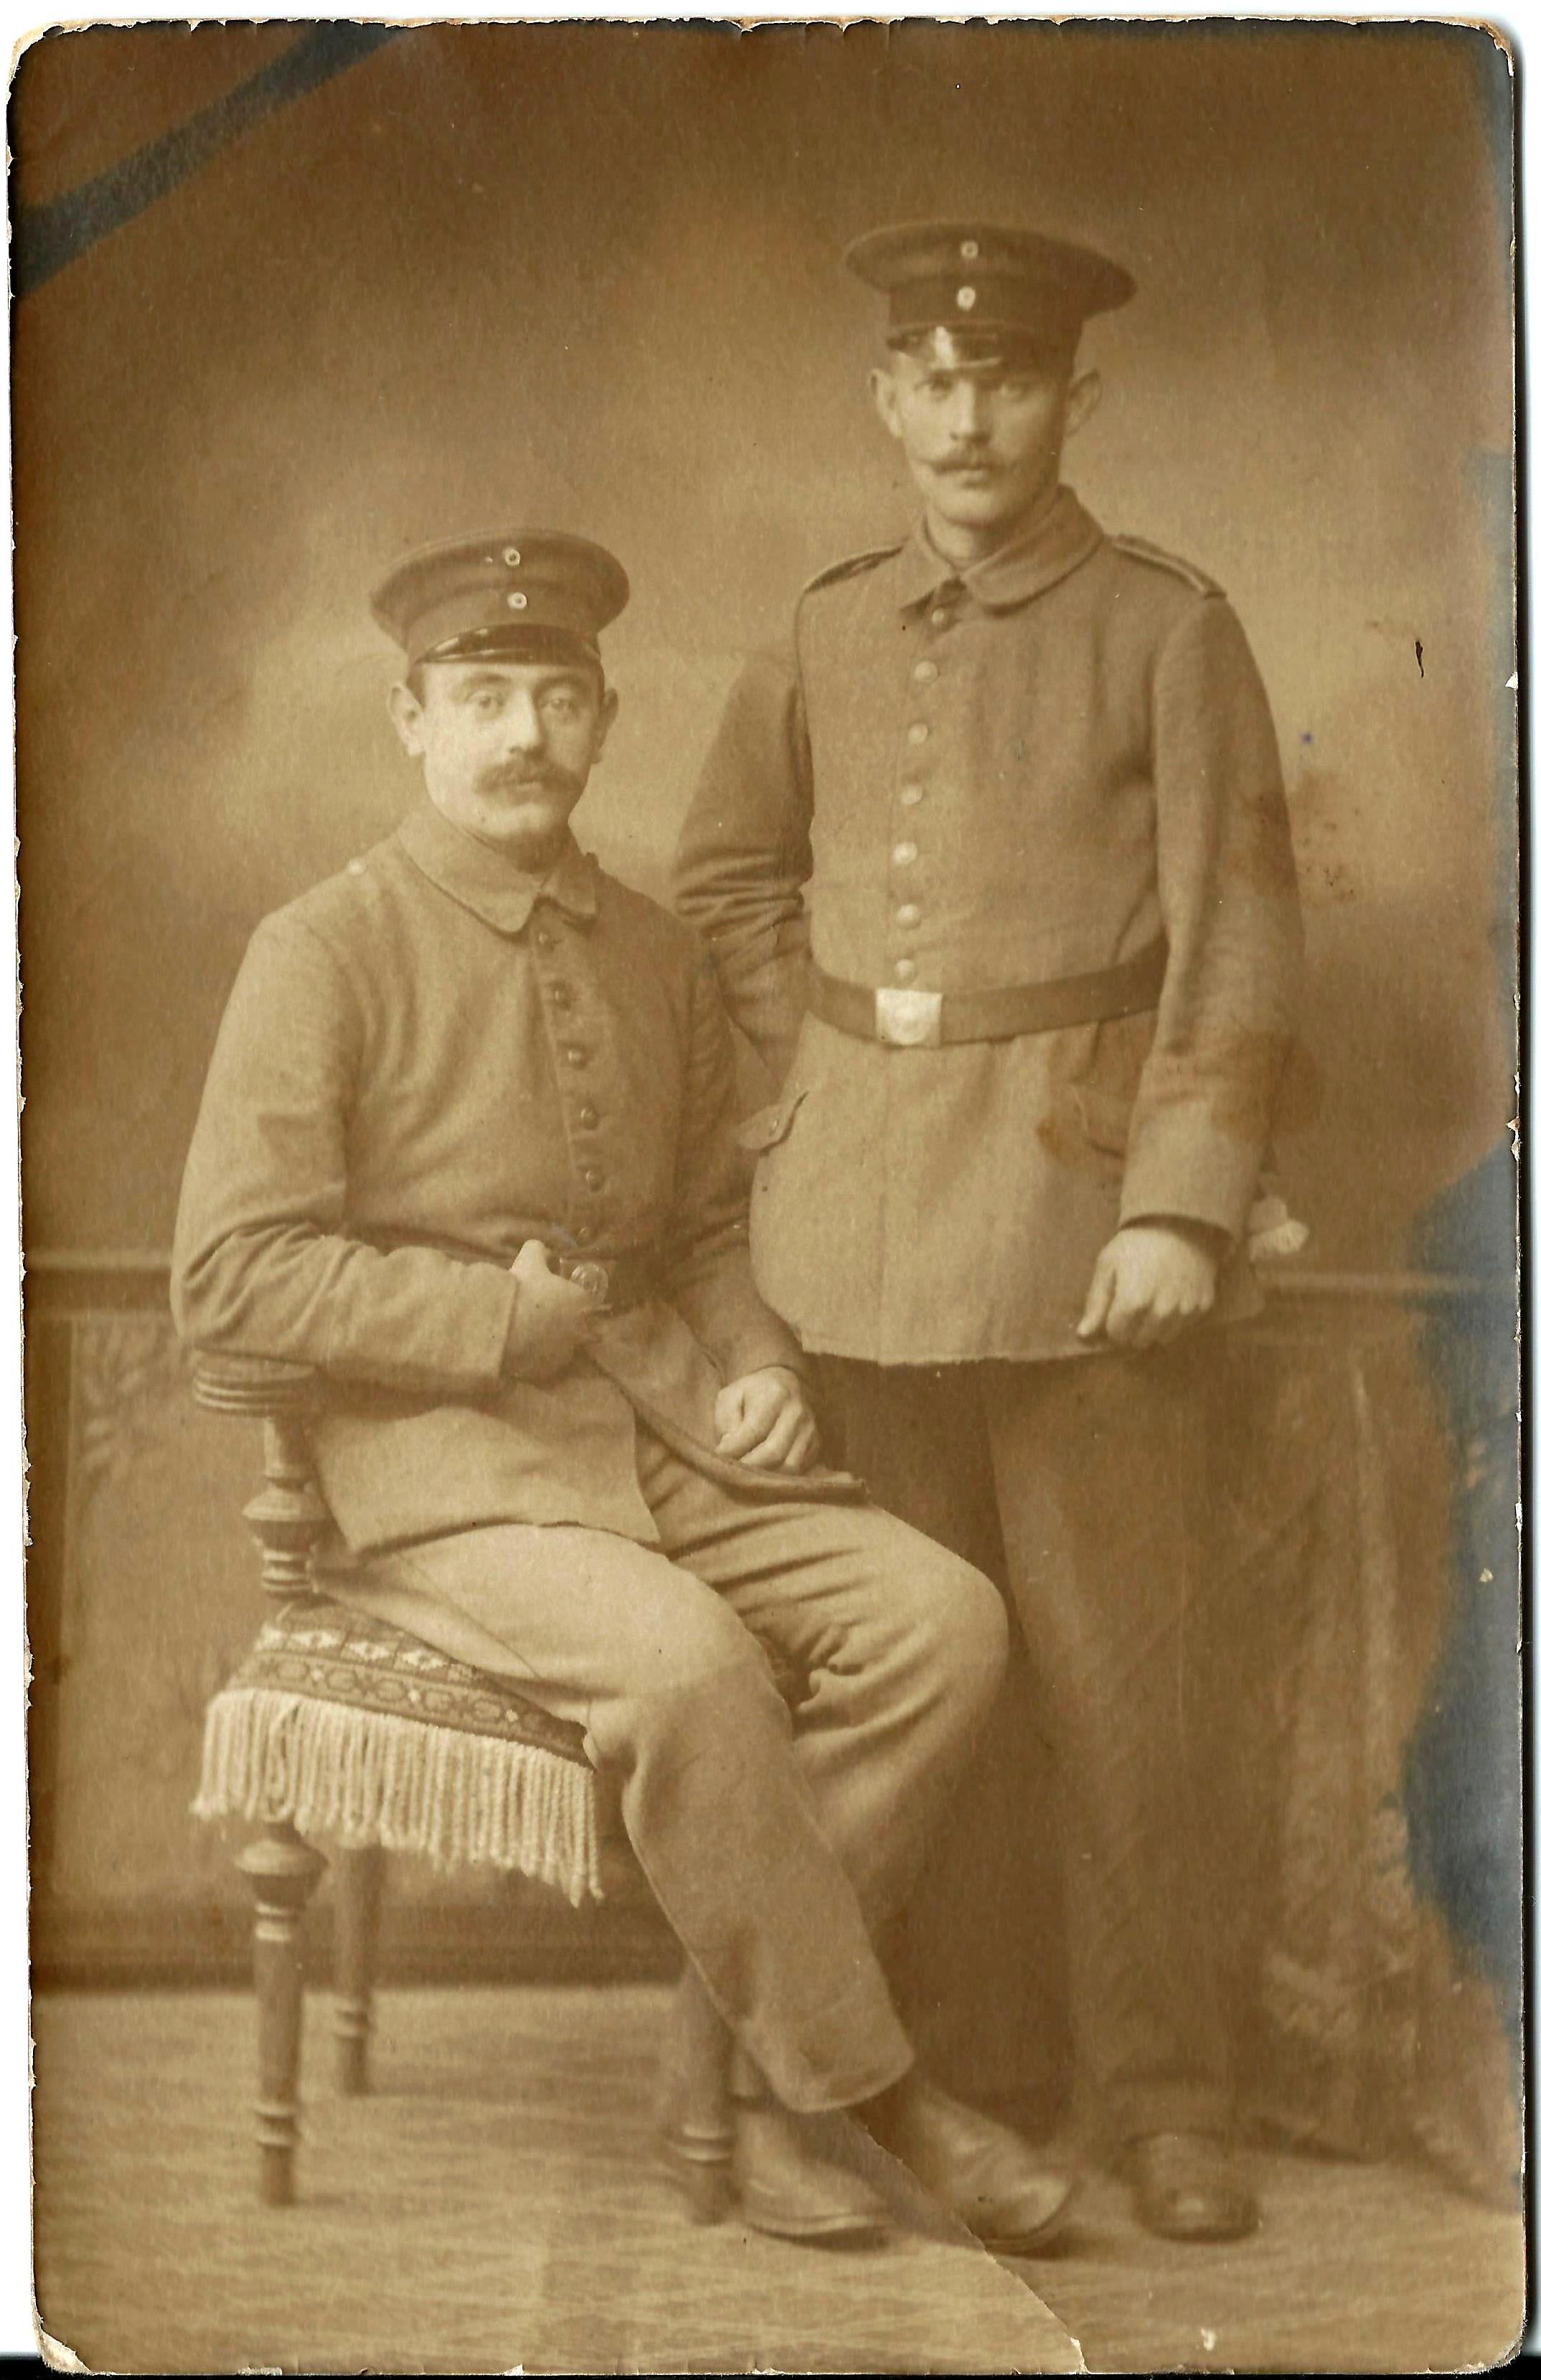 Jørgen Andresen skriver: Gotha 2. december 1916 Kære familie. Vi var 90 Nordschlesvigere sammen, da jeg blev indkaldt. Det er nu den sidste af dem på billedet. Og han er nu også kommen herfra, så nu er jeg ene. Mange hilsener Eders Broder.